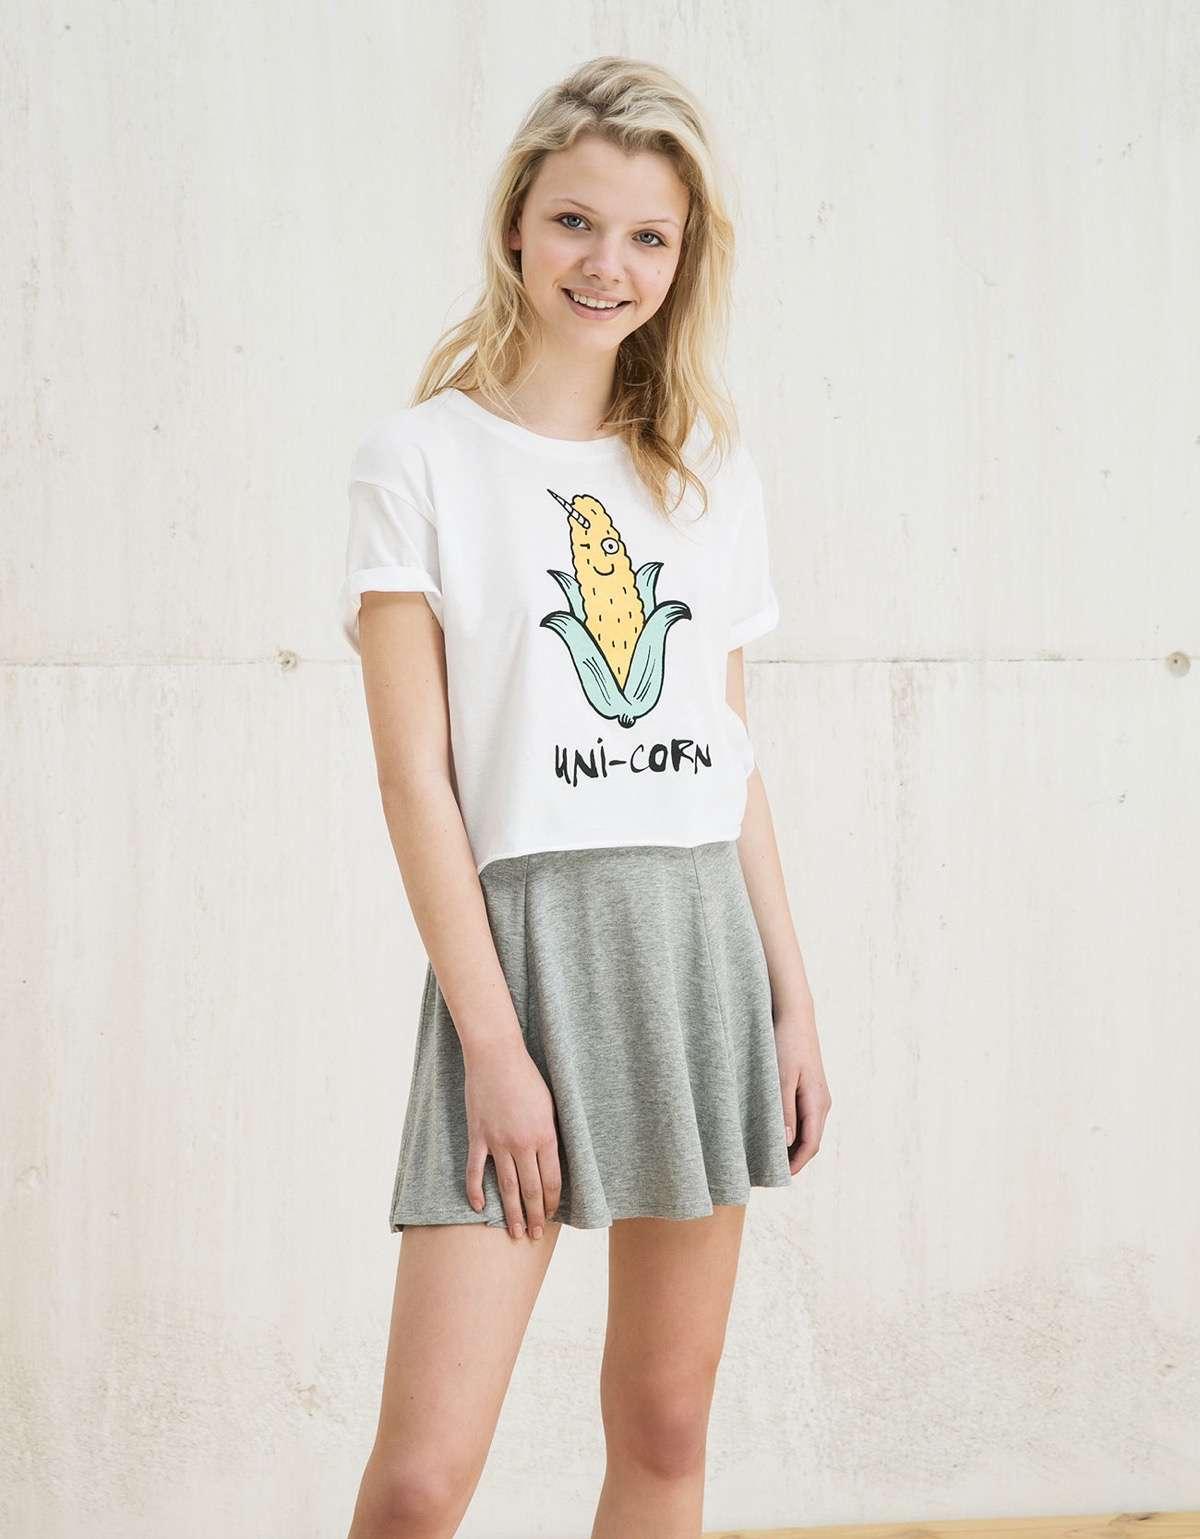 Camisetas divertidas bershka